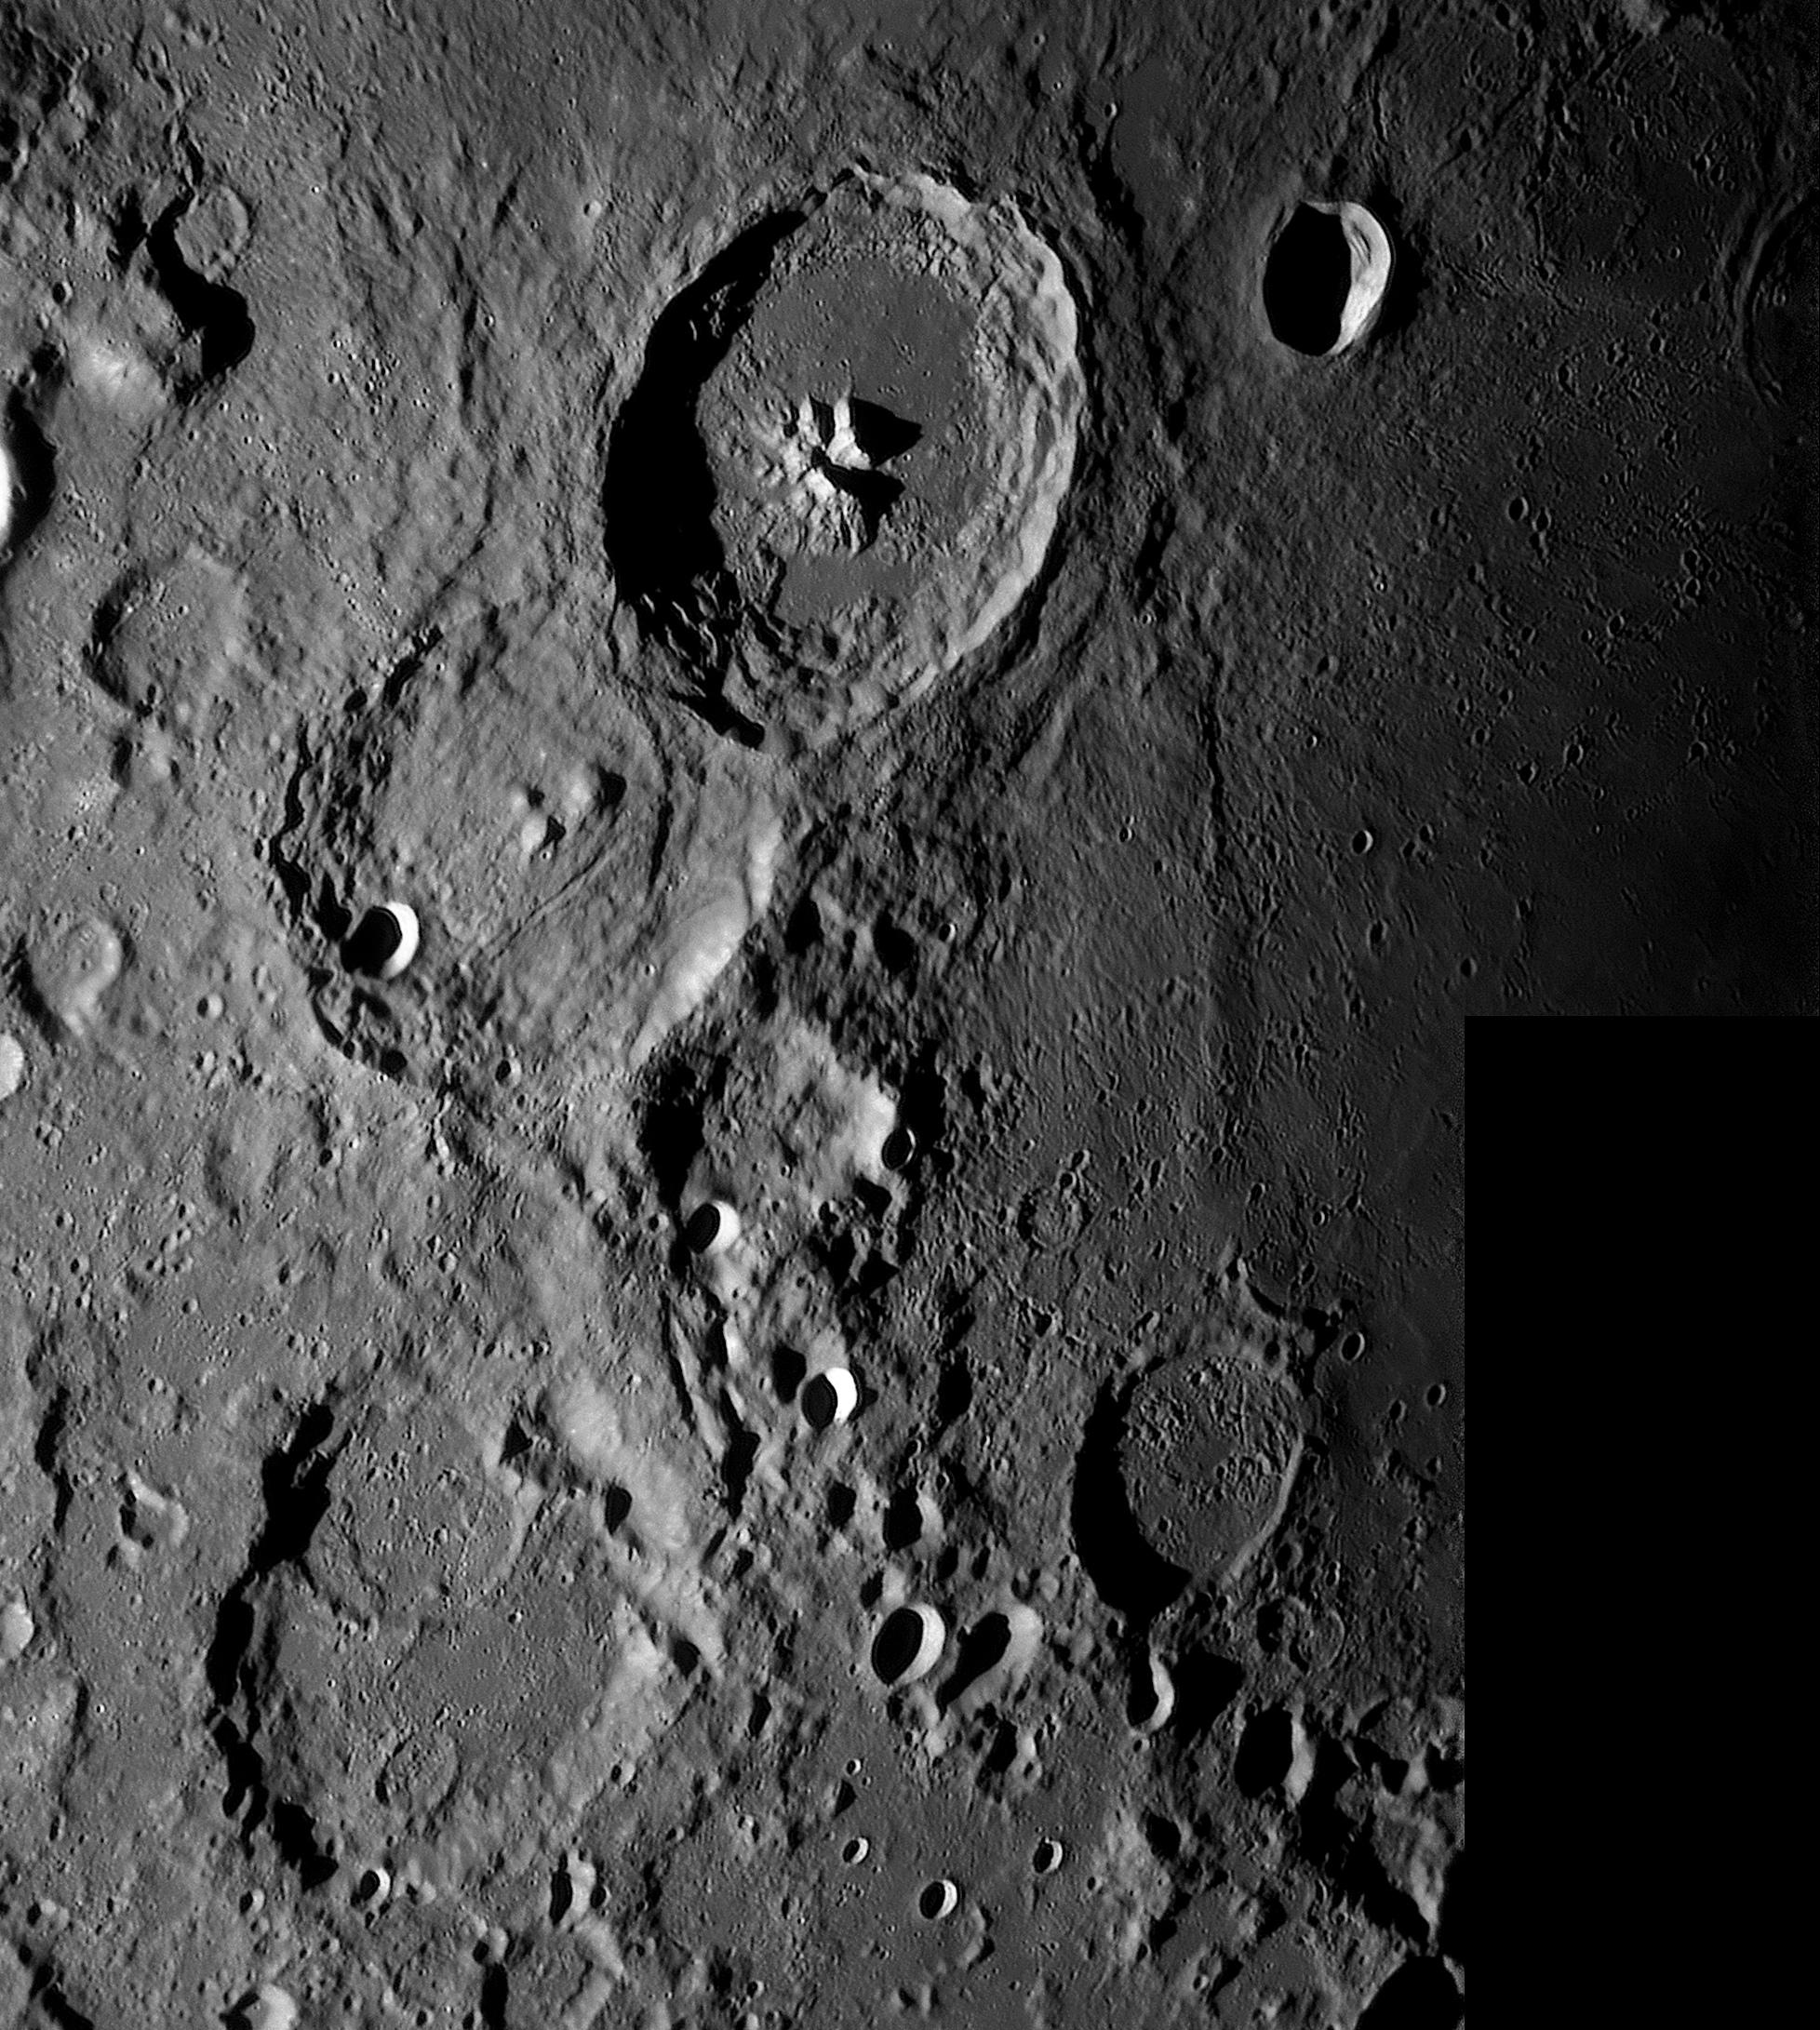 large.Moon_29_09_2018_02_29_56_R_.jpg.2a88ffebb235ea54f411111a9a5bd987.jpg